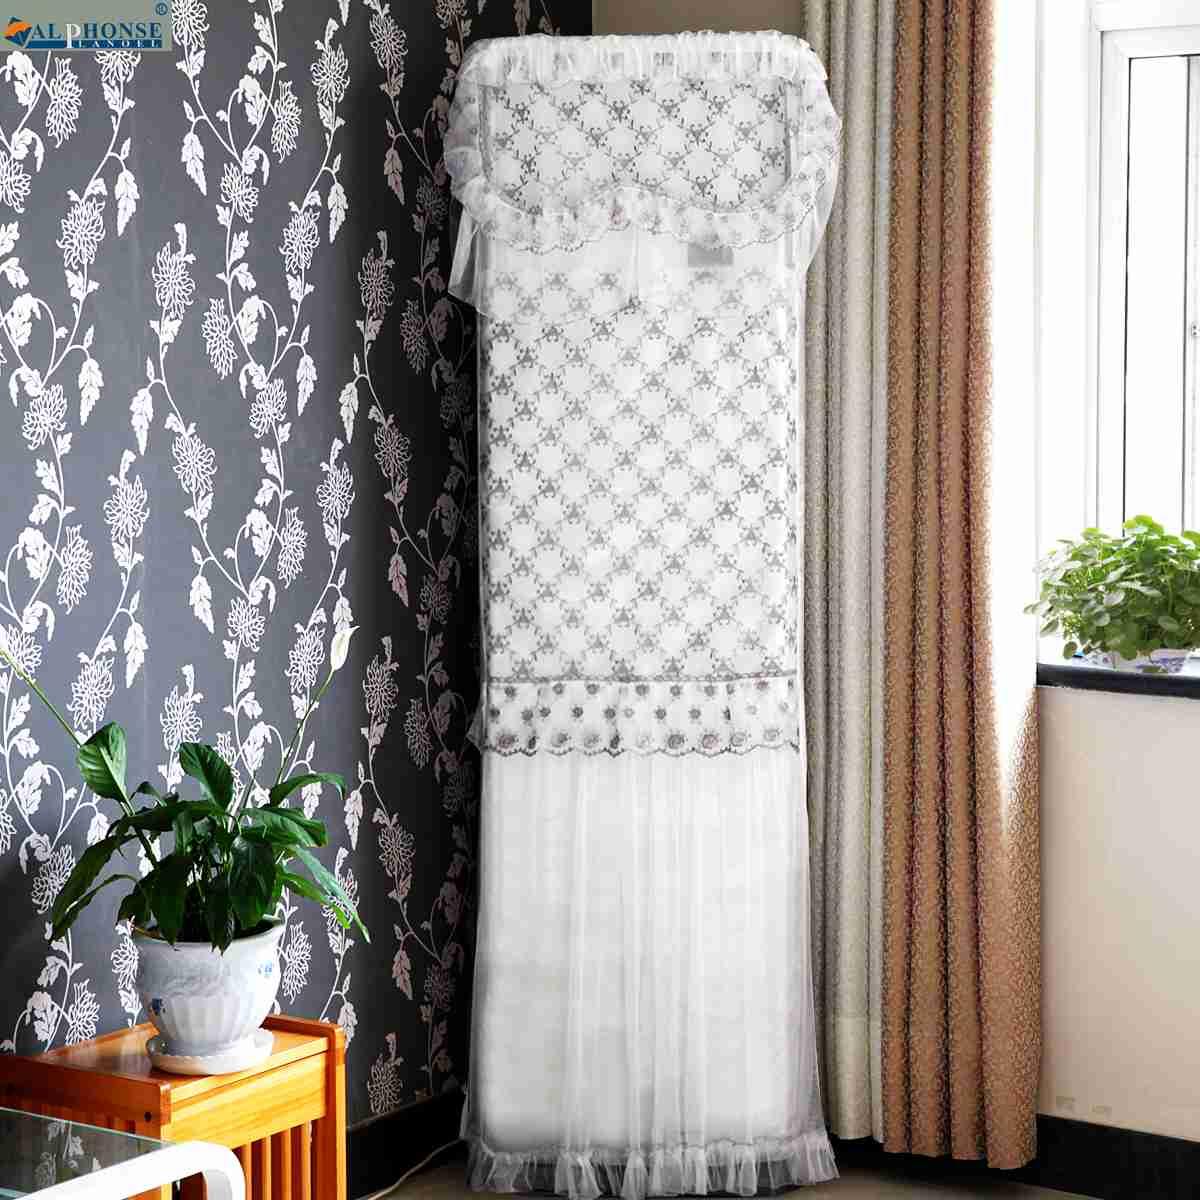 Die post - Kabinett der vertikale, klimaanlage, Decken / Reihe können drei pferde - stoff aus spitzen - befreiung